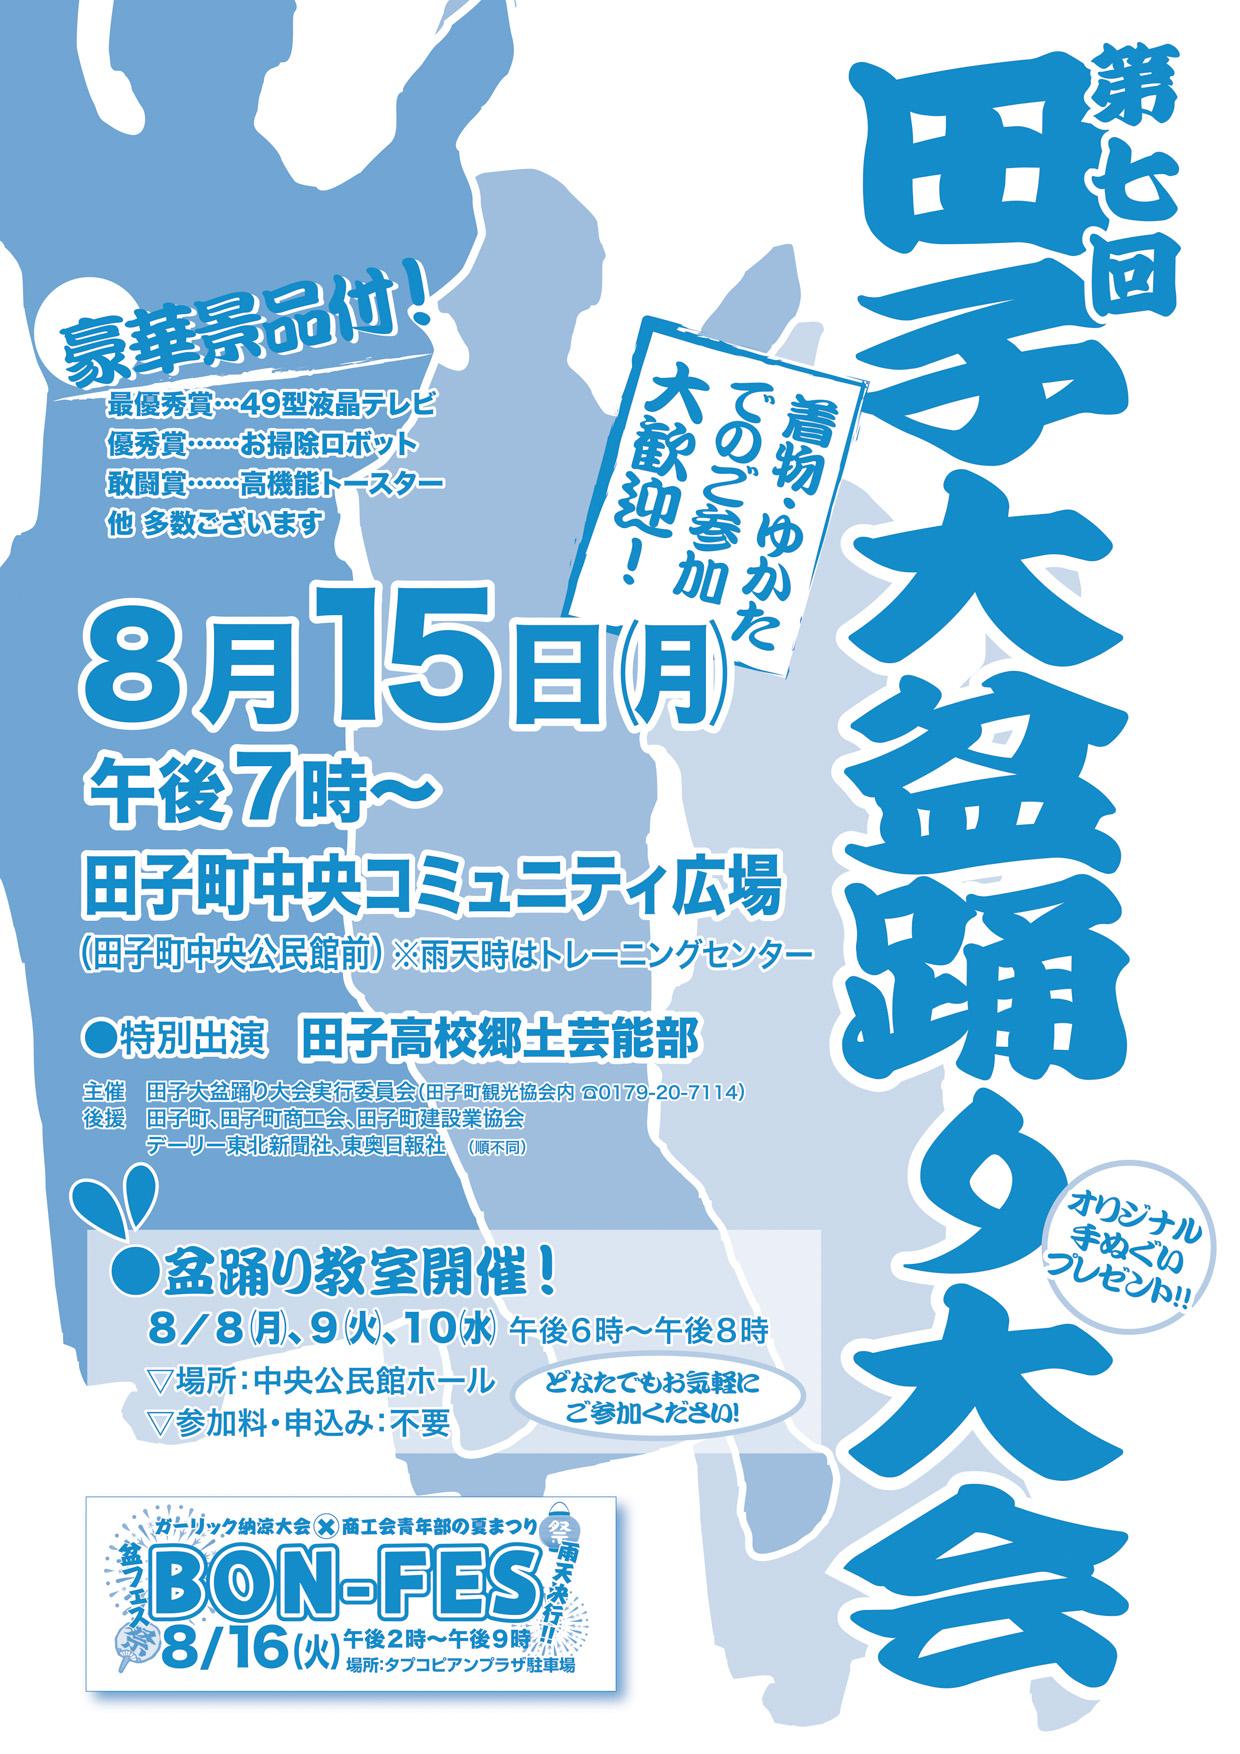 盆踊り大会2016ポスター